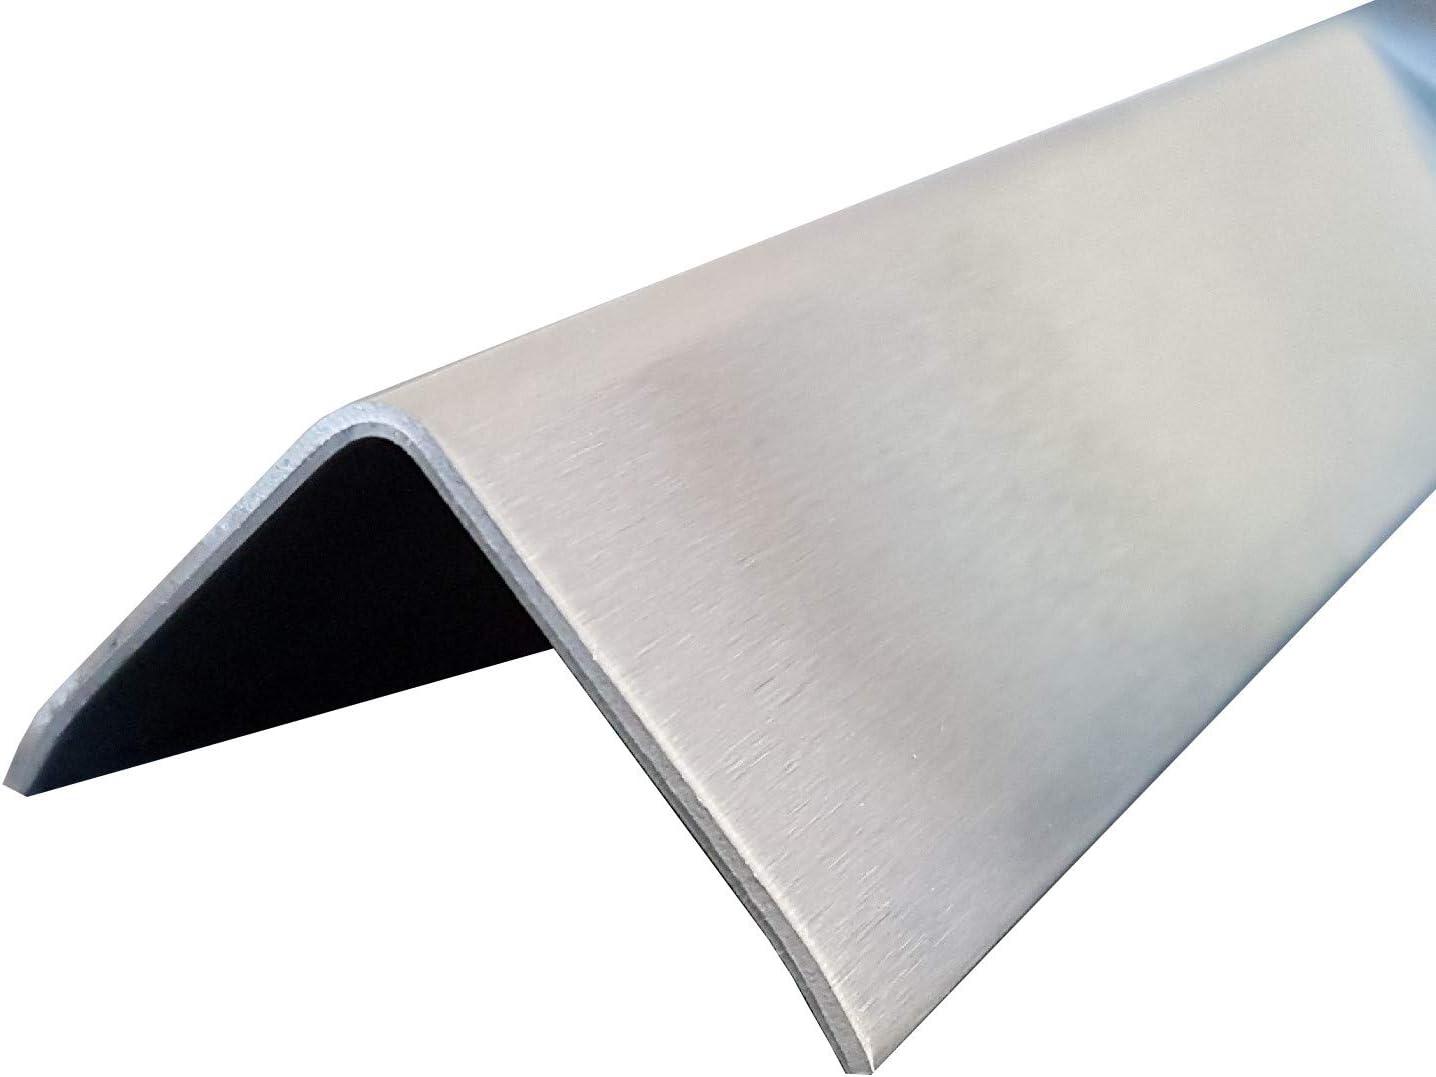 1x Edelstahl Winkel 3-fach gekantet 50 x 30 mm Schliff Au/ßen Edelstahl V2A K240 geschliffen 1500 mm lang 0,8 mm stark einseitig mit Schutzfolie